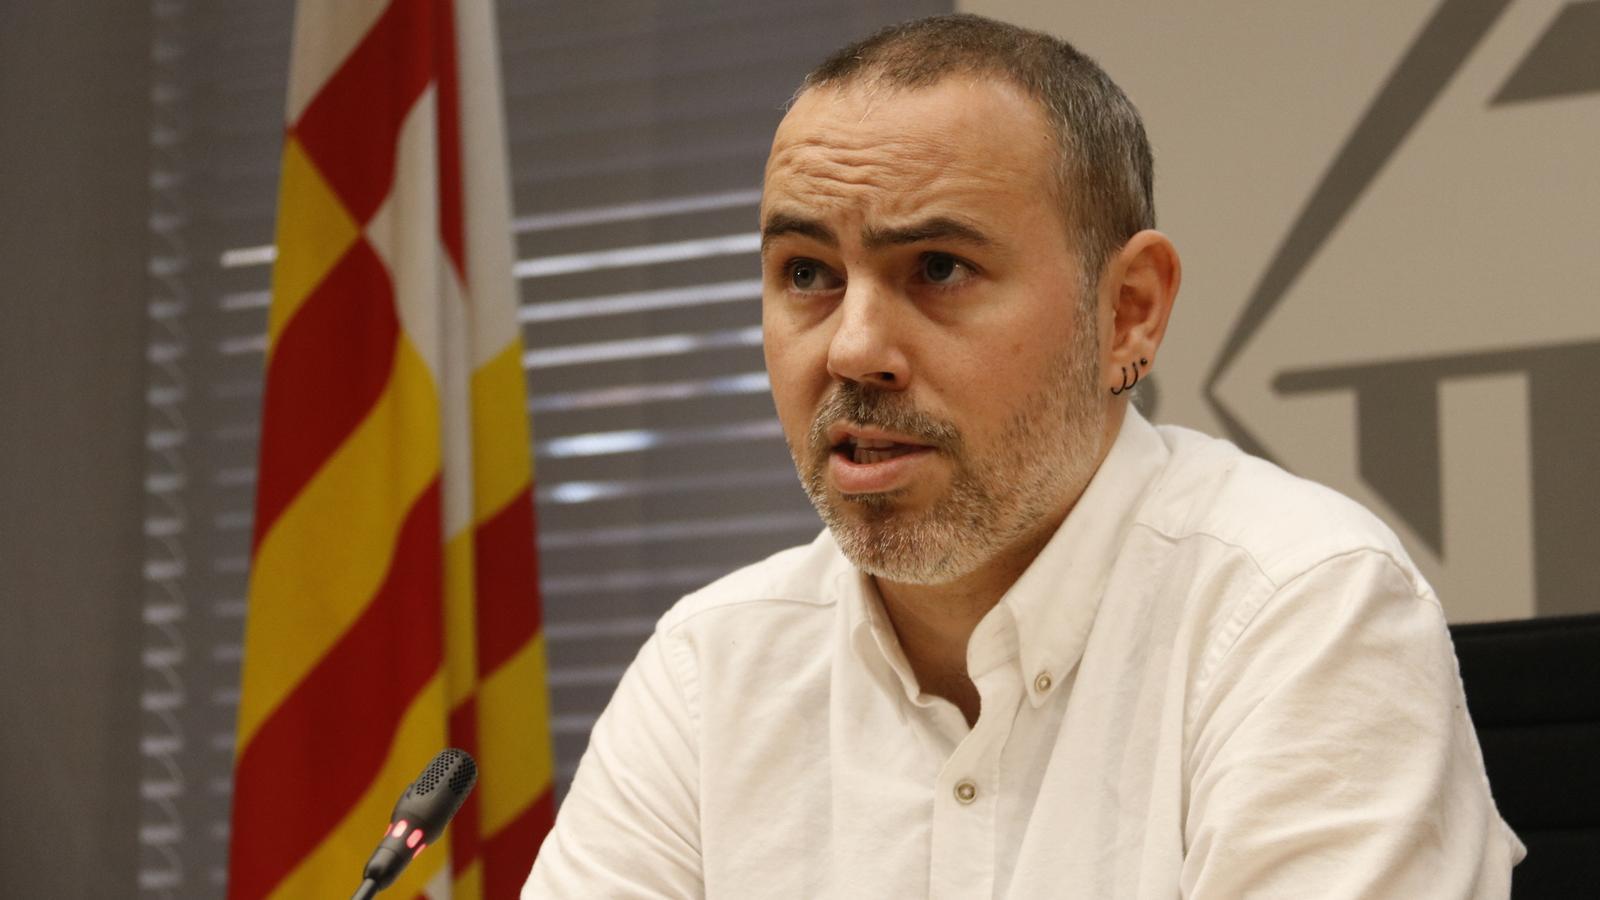 L'Ajuntament de Barcelona convoca 1.911 places de funcionari